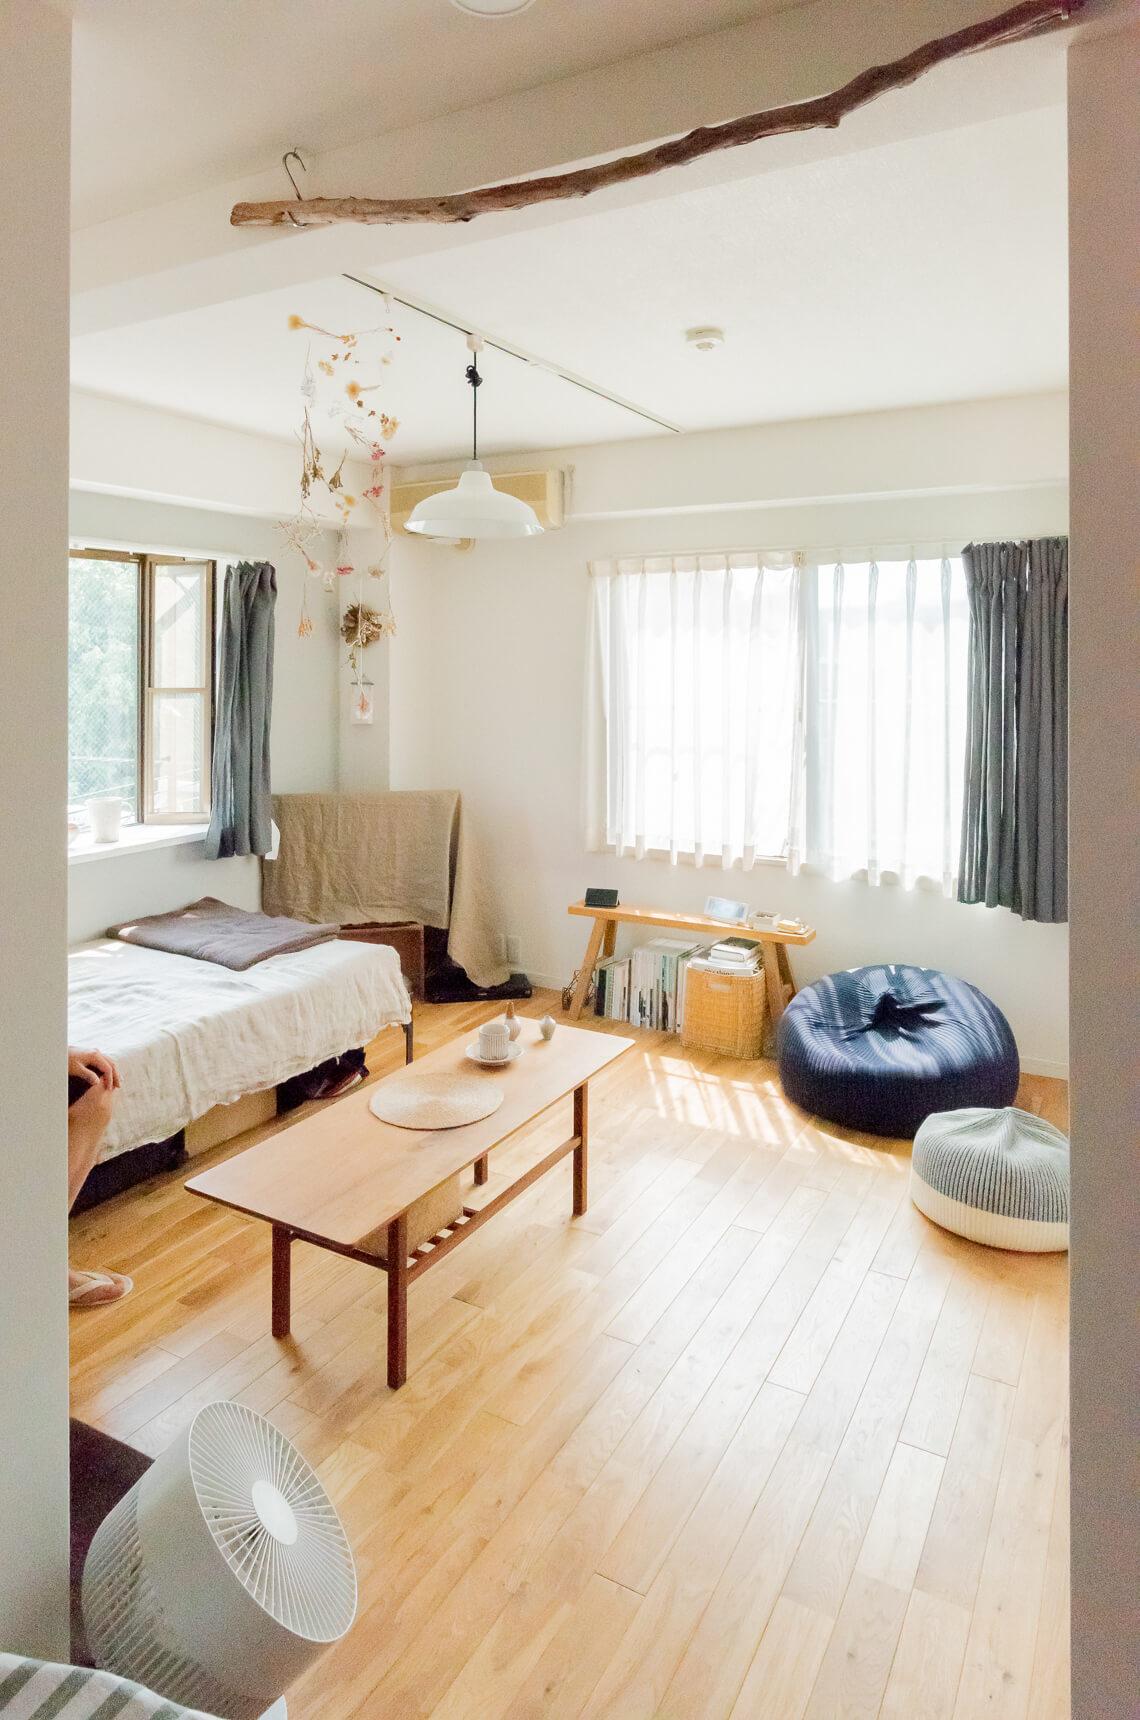 「小さな扇風機」と侮るなかれ。部屋干しせざるを得ない方や窓が小さなお部屋に住んでいる方は、サーキュレーターを使って、空気の循環を心がけるようにしましょう。(このお部屋はこちら)[/caption]